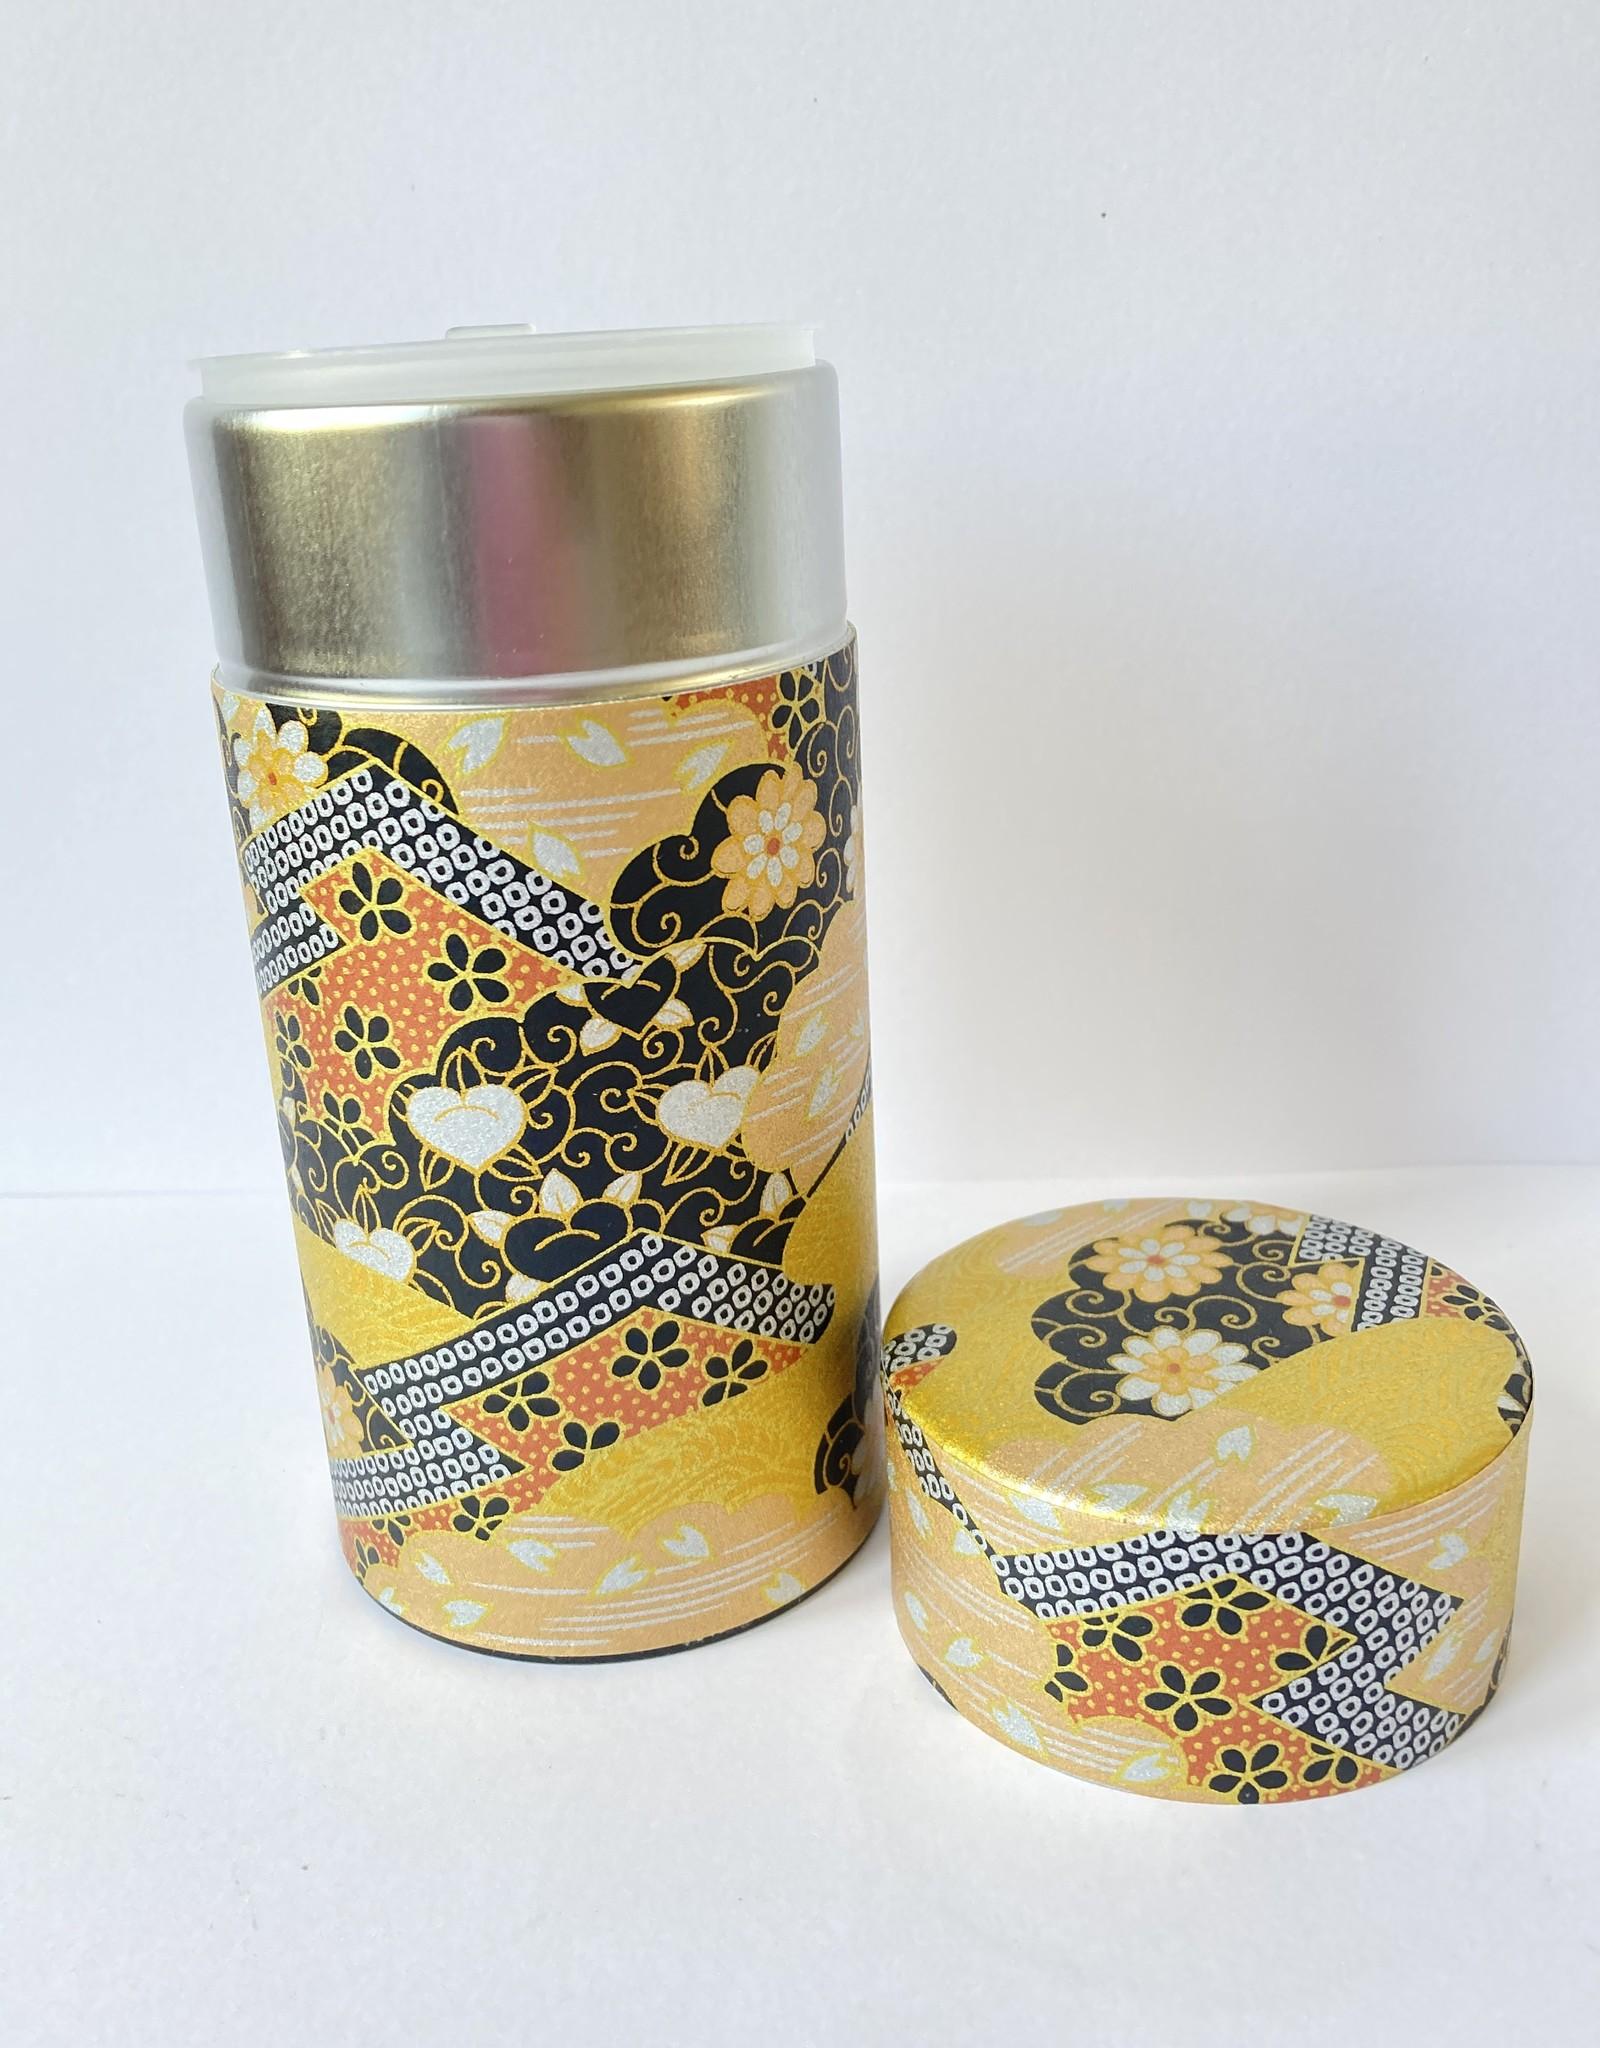 Tokyo Design Studio Tokyo Design Studio japans theeblik chique goud met chrysanten